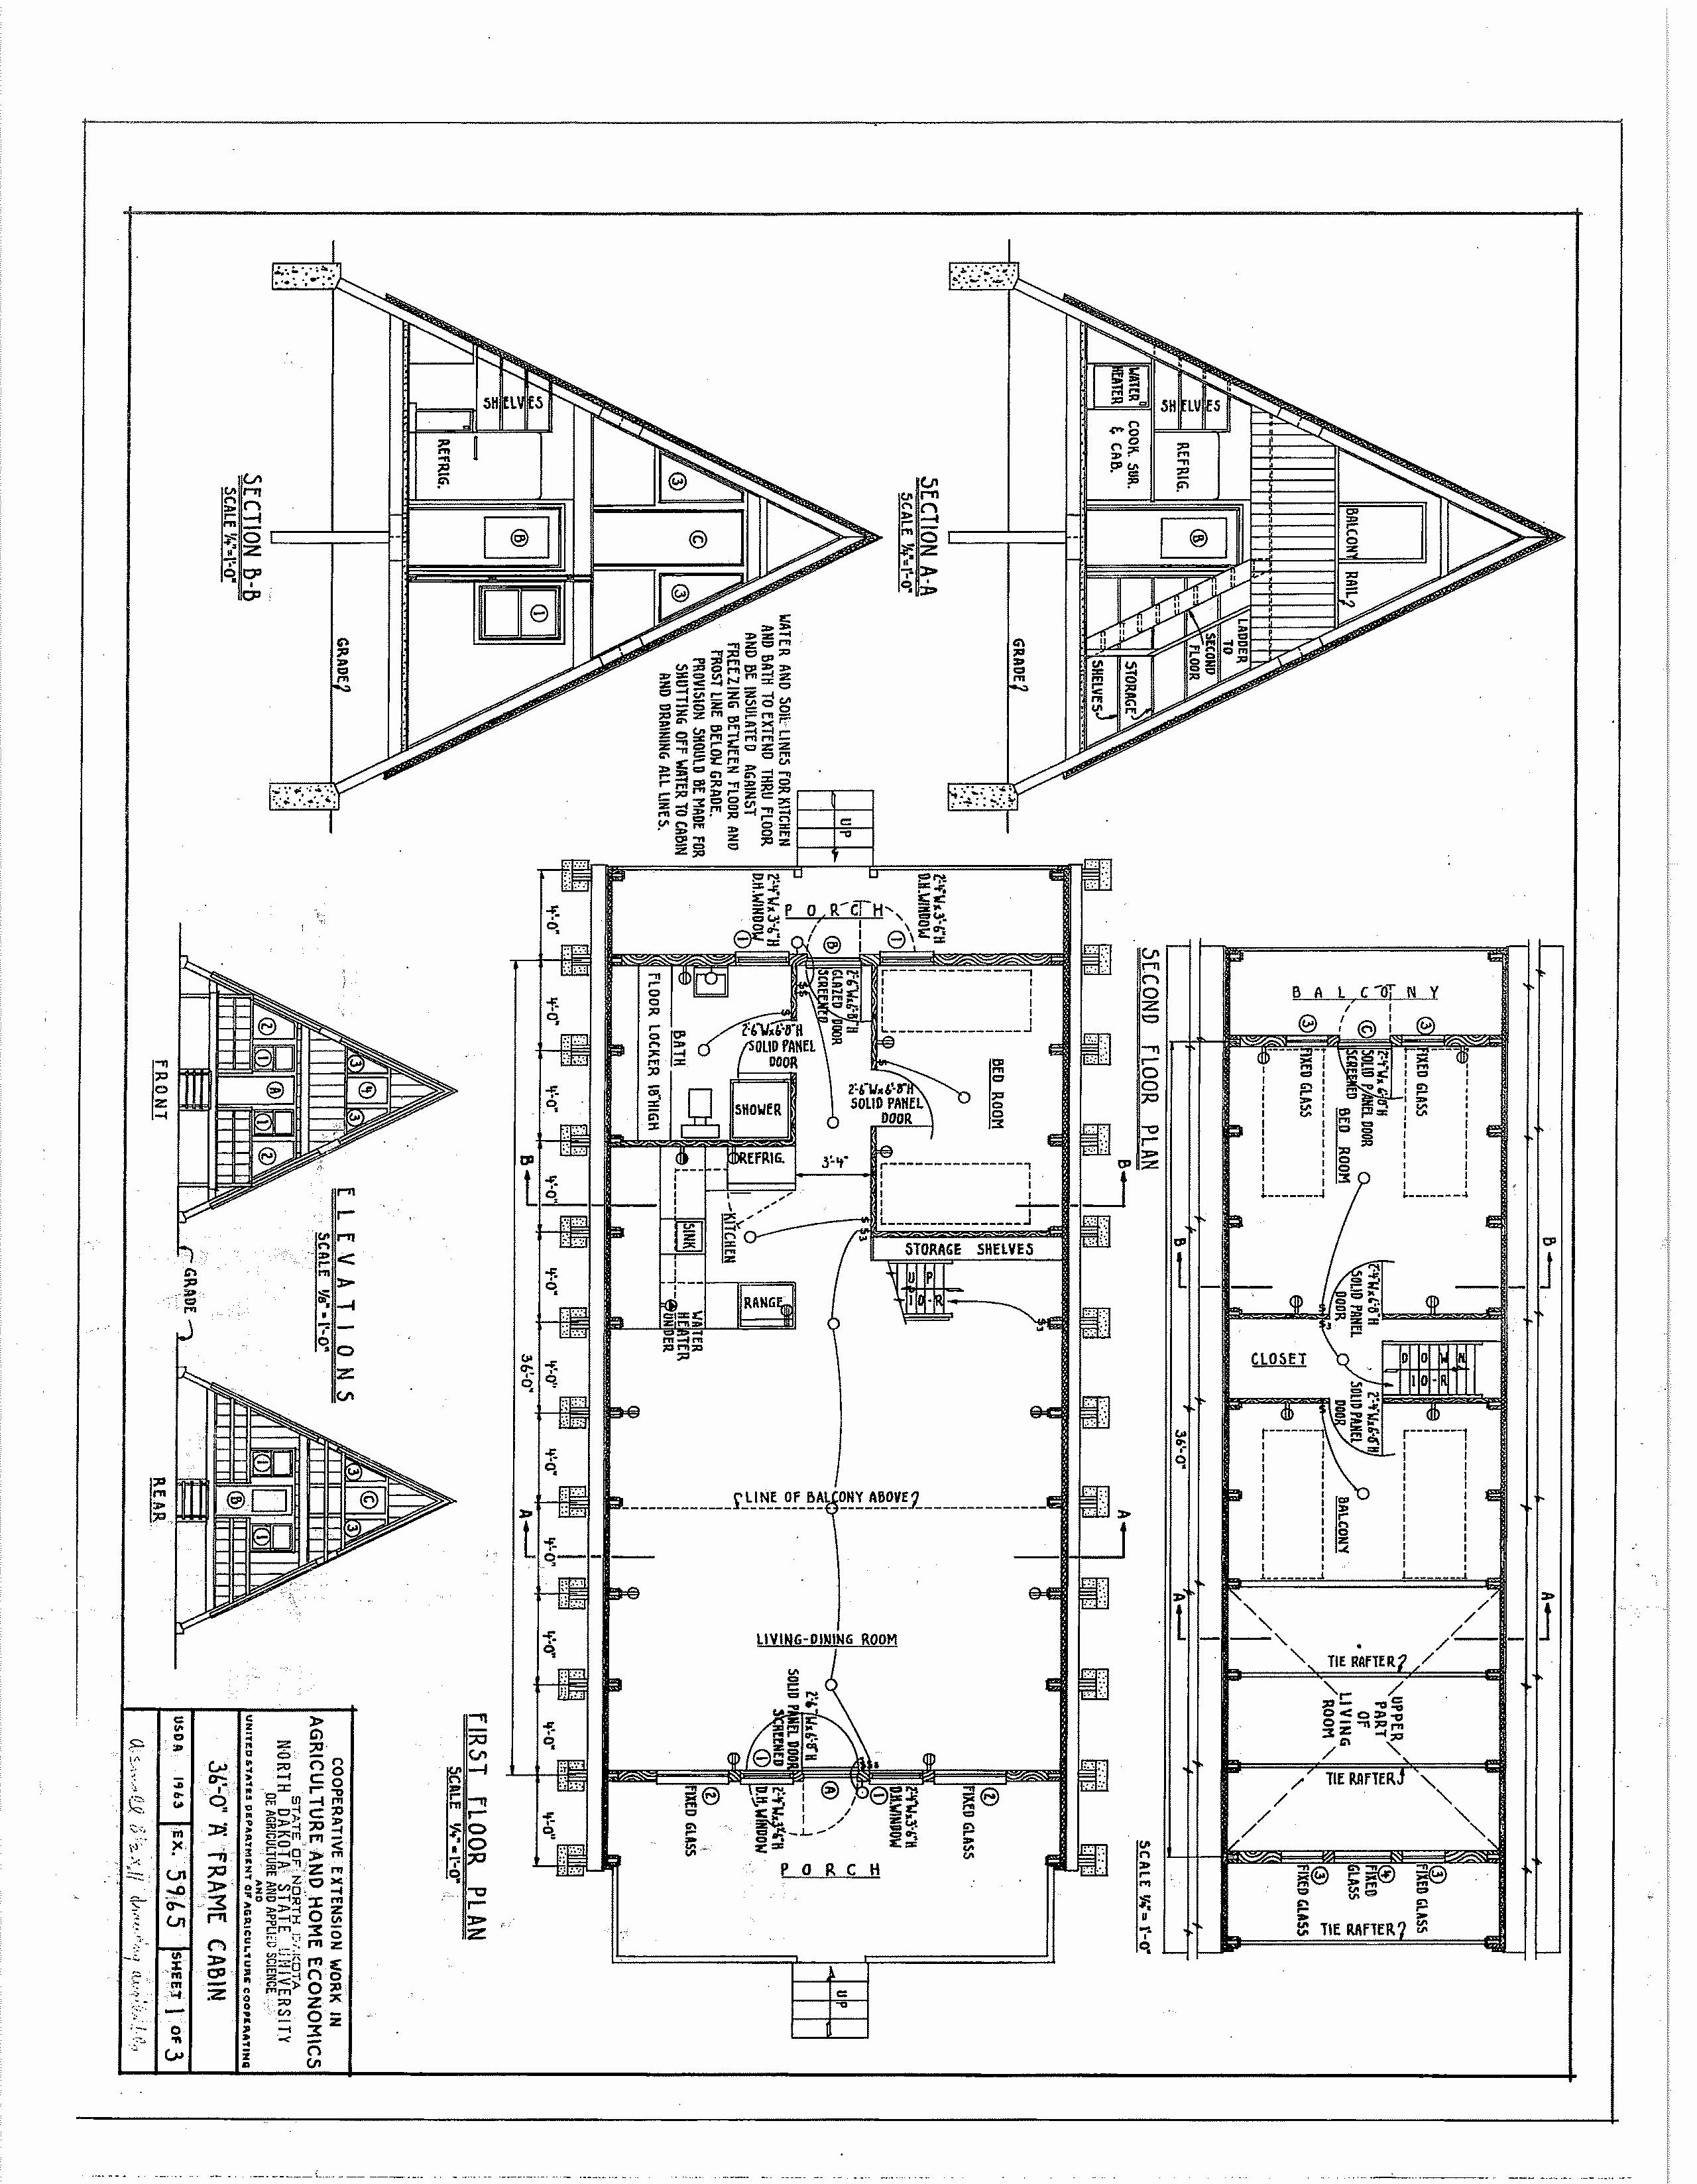 2560x3295 Chicken Coop Building Plans Pdf Beautiful Chicken Coop Floor Plans